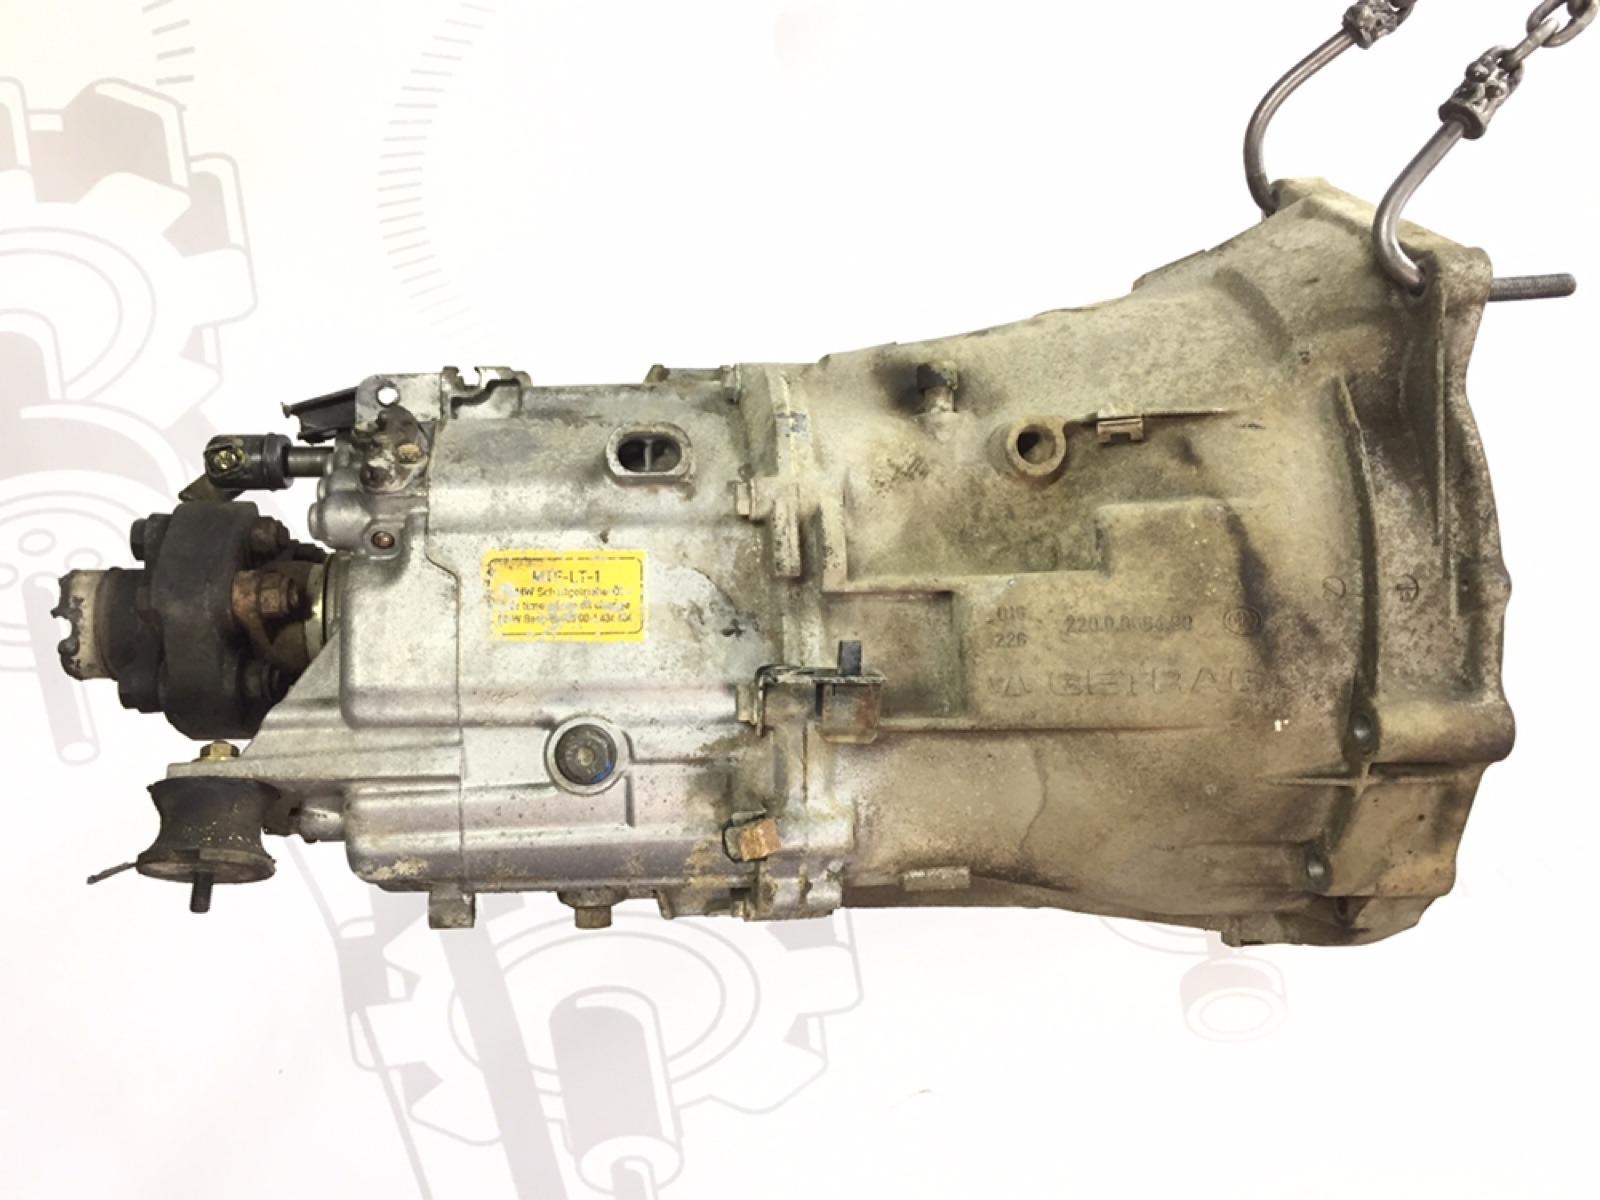 Кпп механическая (мкпп) Bmw 3 E46 2.0 I 2001 (б/у)